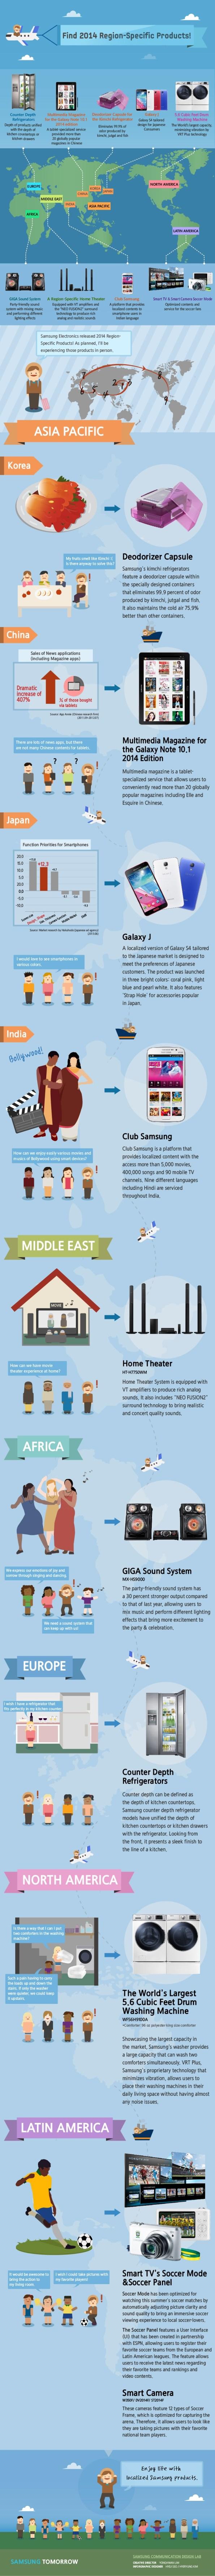 Productos Samsung Infografia